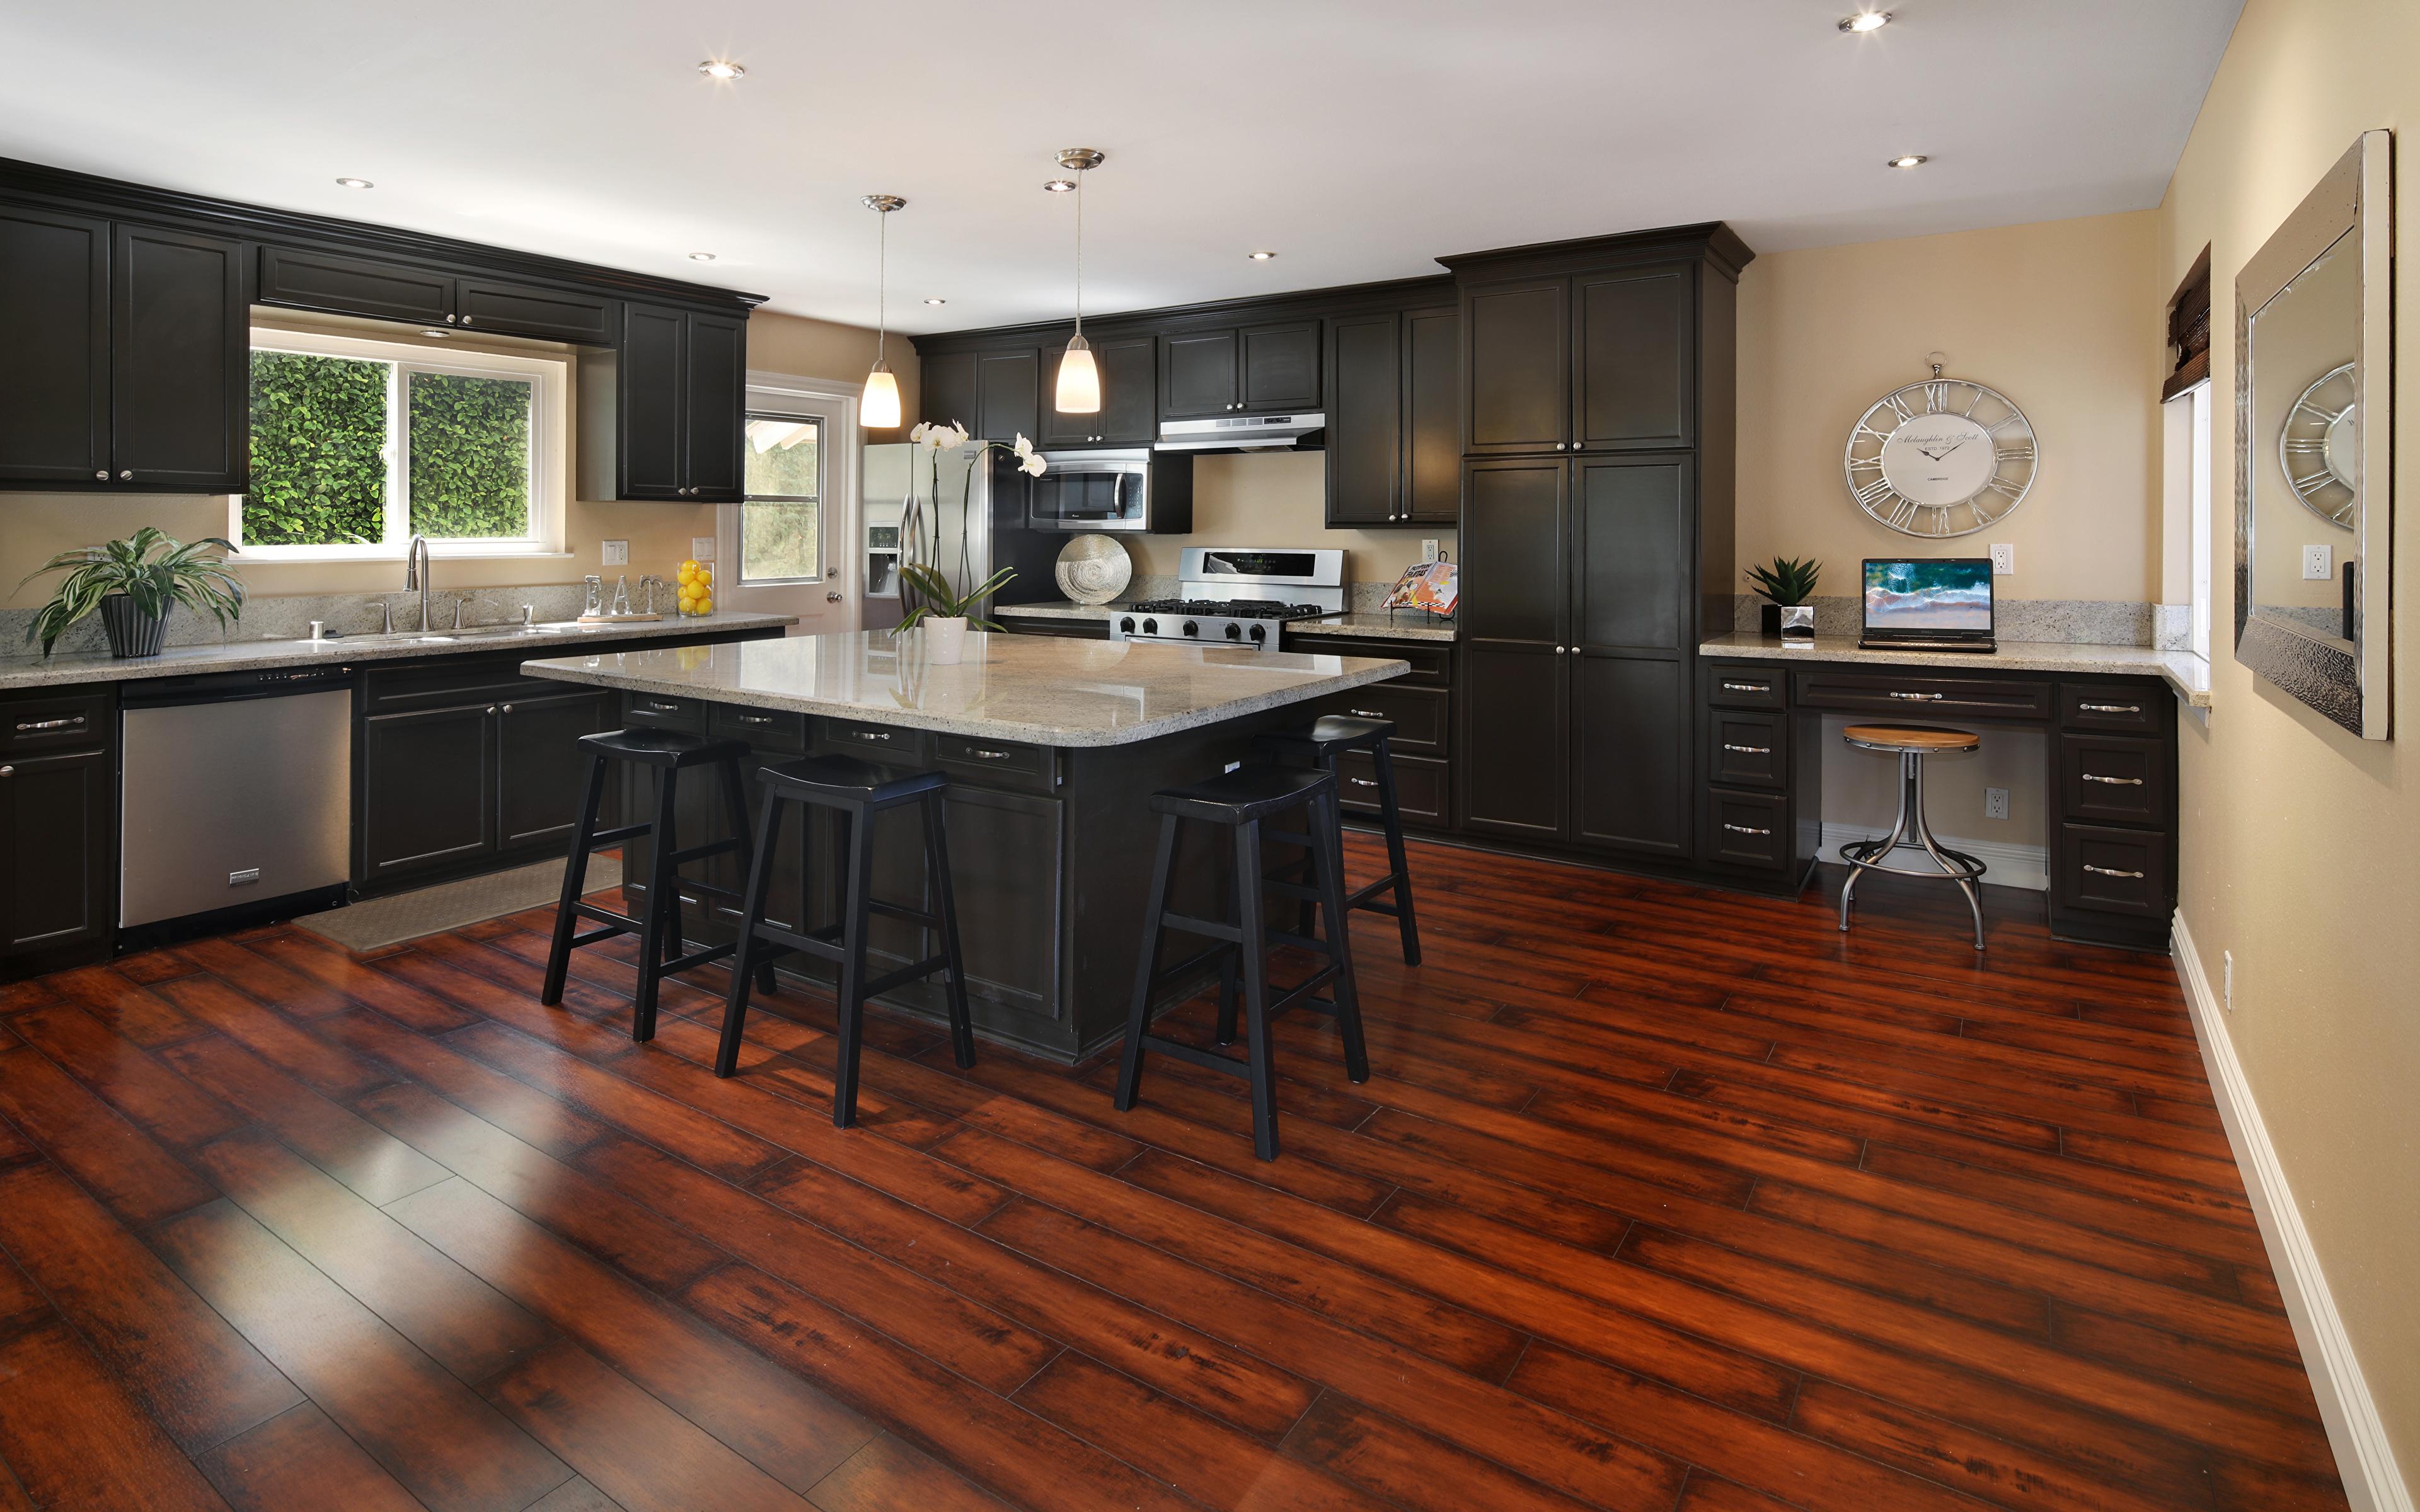 Картинки Кухня Интерьер стола Стулья Дизайн 3840x2400 кухни Стол стул столы дизайна